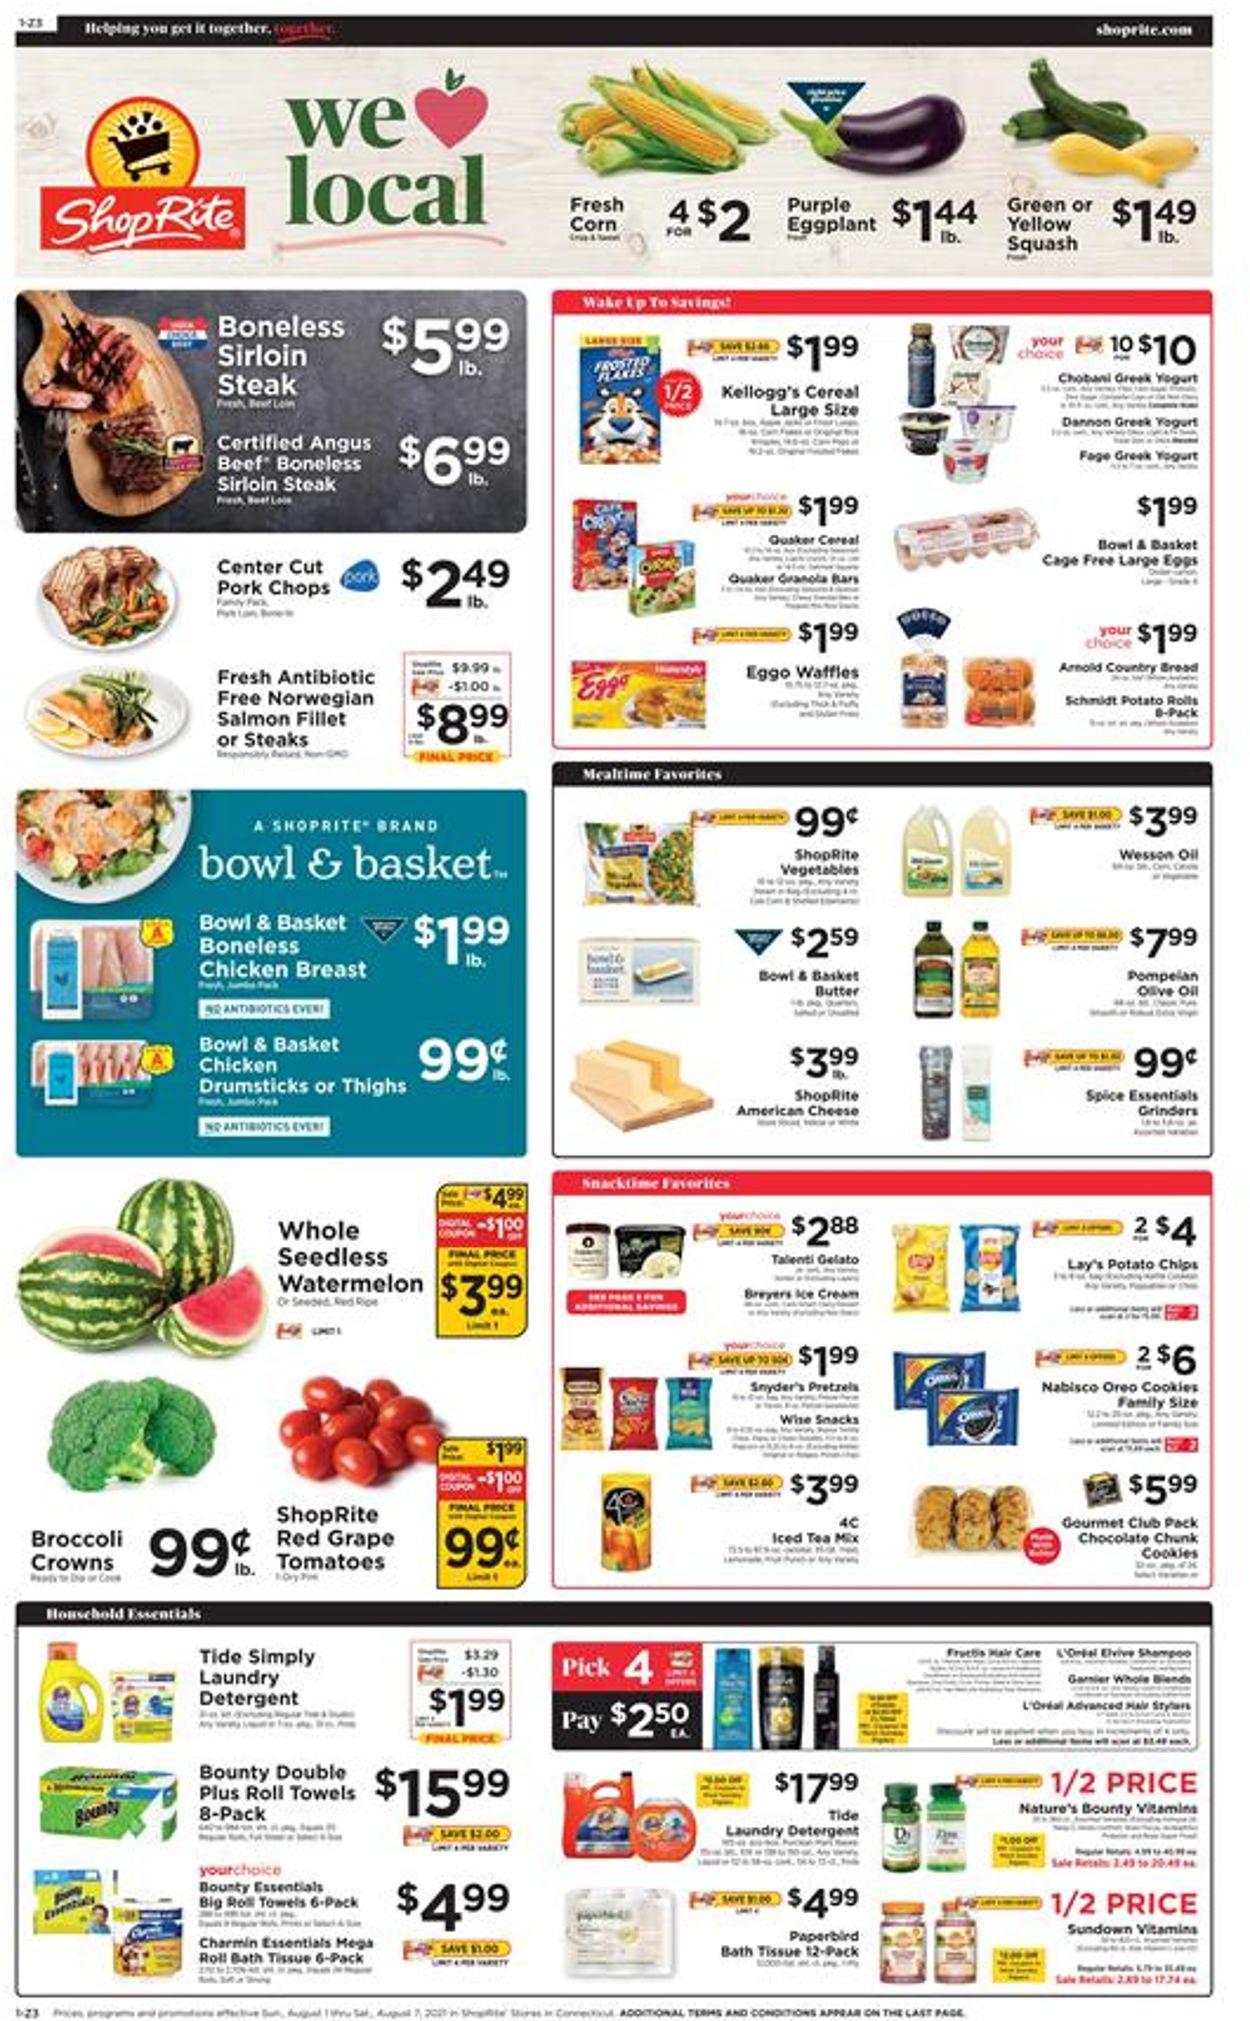 ShopRite Weekly Ad Circular - valid 08/01-08/07/2021 (Page 3)